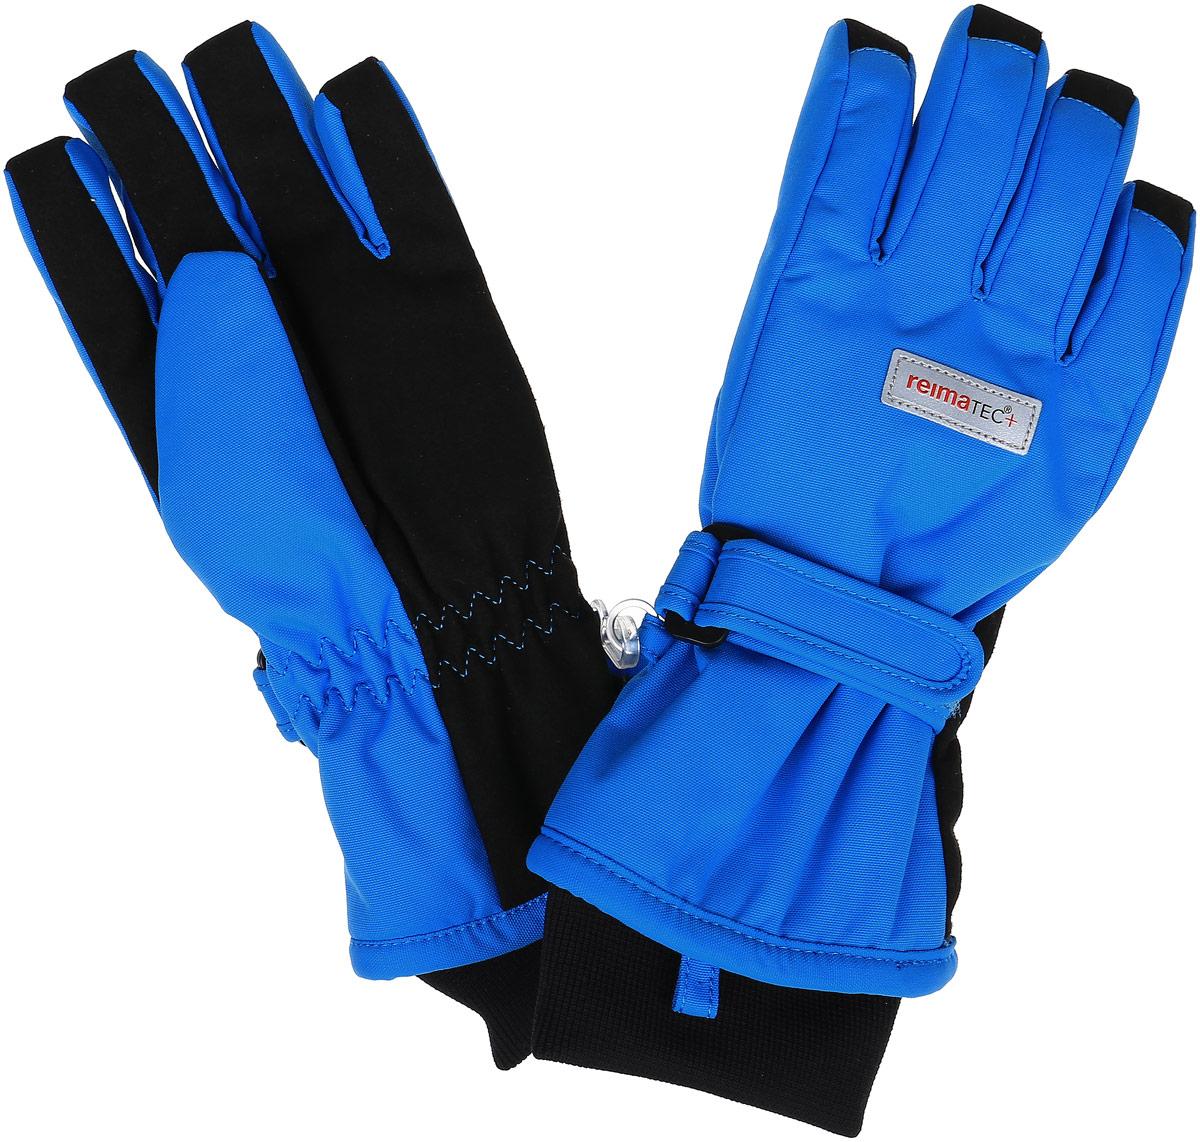 Перчатки детские Reima Reimatec+ Tartu, цвет: голубой. 527251-6560. Размер 4527251-6560Детские перчатки Reima Reimatec+ Tartu станут идеальным вариантом для холодной зимней погоды. На подкладке используется высококачественный полиэстер, который хорошо удерживает тепло.Для большего удобства на запястьях перчатки дополнены хлястиками на липучках с внешней стороны, а на ладошках, кончиках пальцев и с внутренней стороны большого пальца - усиленными водонепроницаемивставками Hipora. Теплая флисовая подкладка дарит коже ощущение комфорта и уюта. С внешней стороны перчатки оформлены светоотражающими нашивками с логотипом бренда. Высокая степень утепления. Перчатки станут идеальным вариантом для прохладной погоды, в них ребенку будет тепло и комфортно. Водонепроницаемость: Waterpillar over 10 000 mm